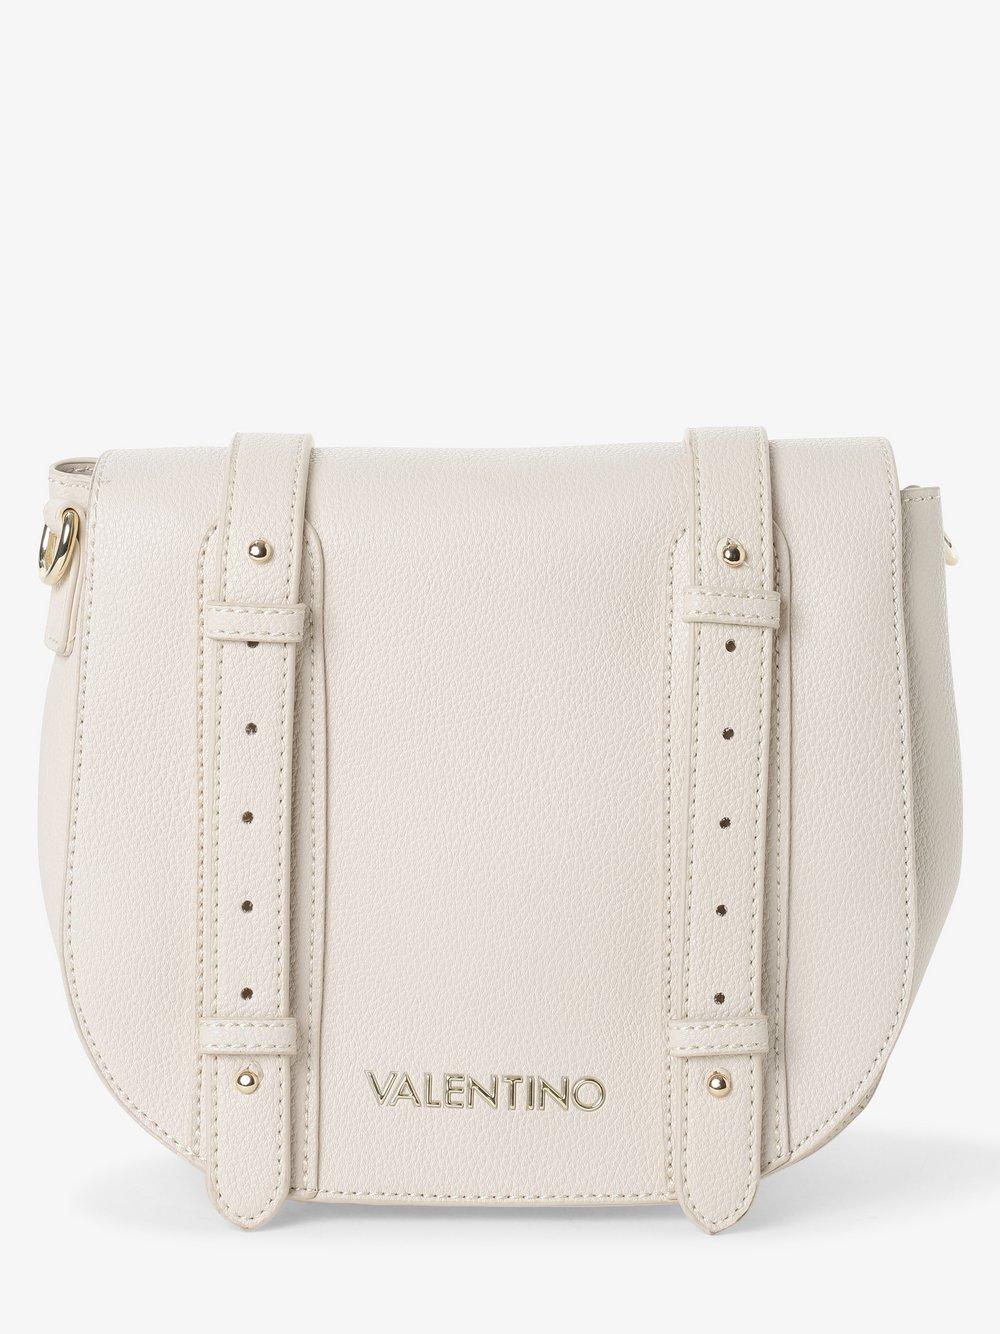 VALENTINO HANDBAGS – Damska torebka na ramię – Alma, beżowy Van Graaf 465332-0001-00000